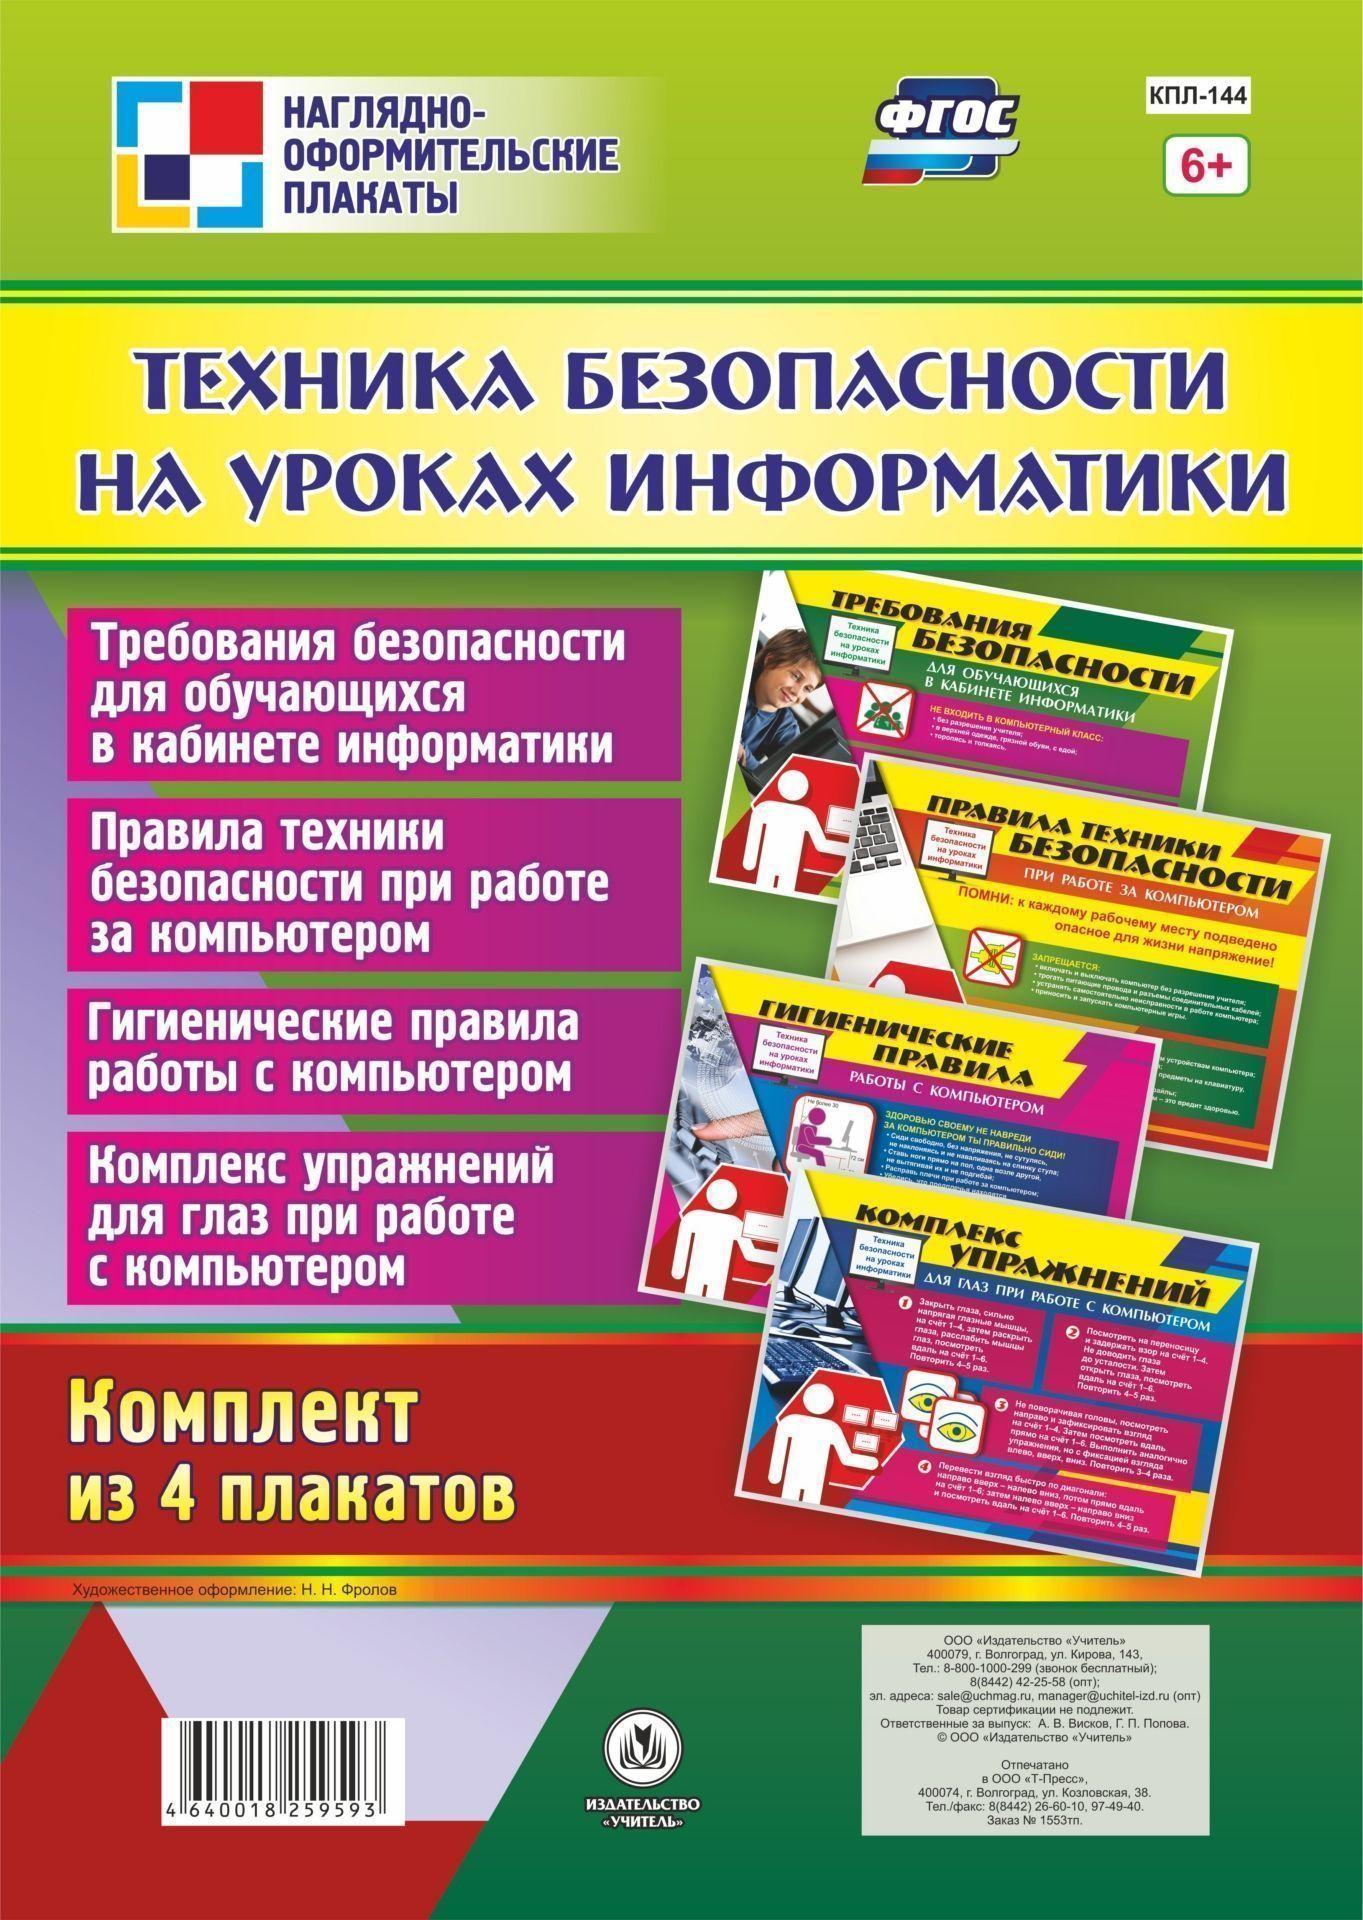 Комплект плакатов Техника безопасности на уроках информатикиТематические плакаты<br>.<br><br>Год: 2018<br>Серия: Наглядно-оформительские плакаты<br>Высота: 297<br>Ширина: 420<br>Толщина: 2